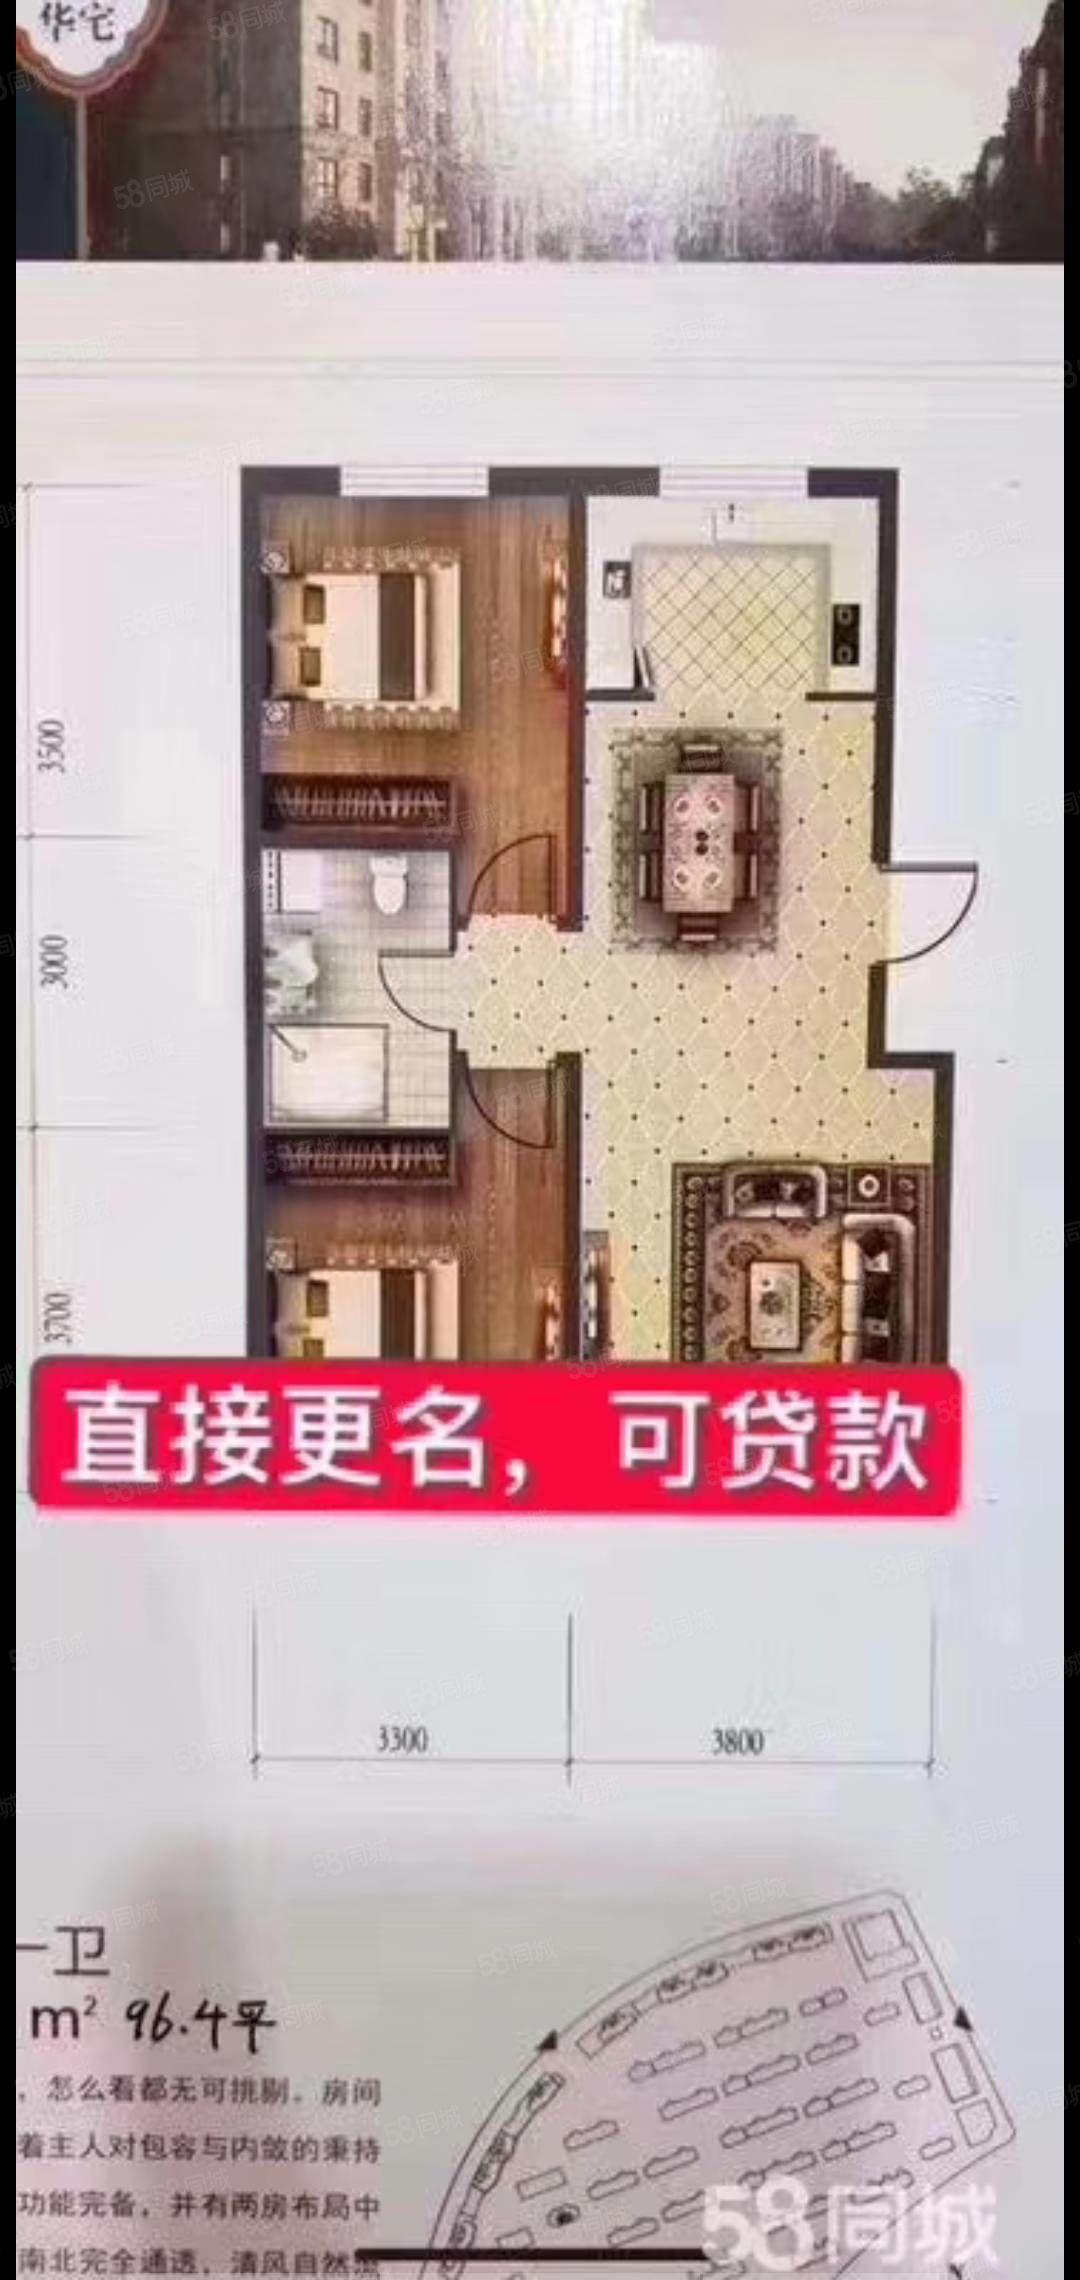 (山城楼市)大禹城邦江景房原装地热十三中学区